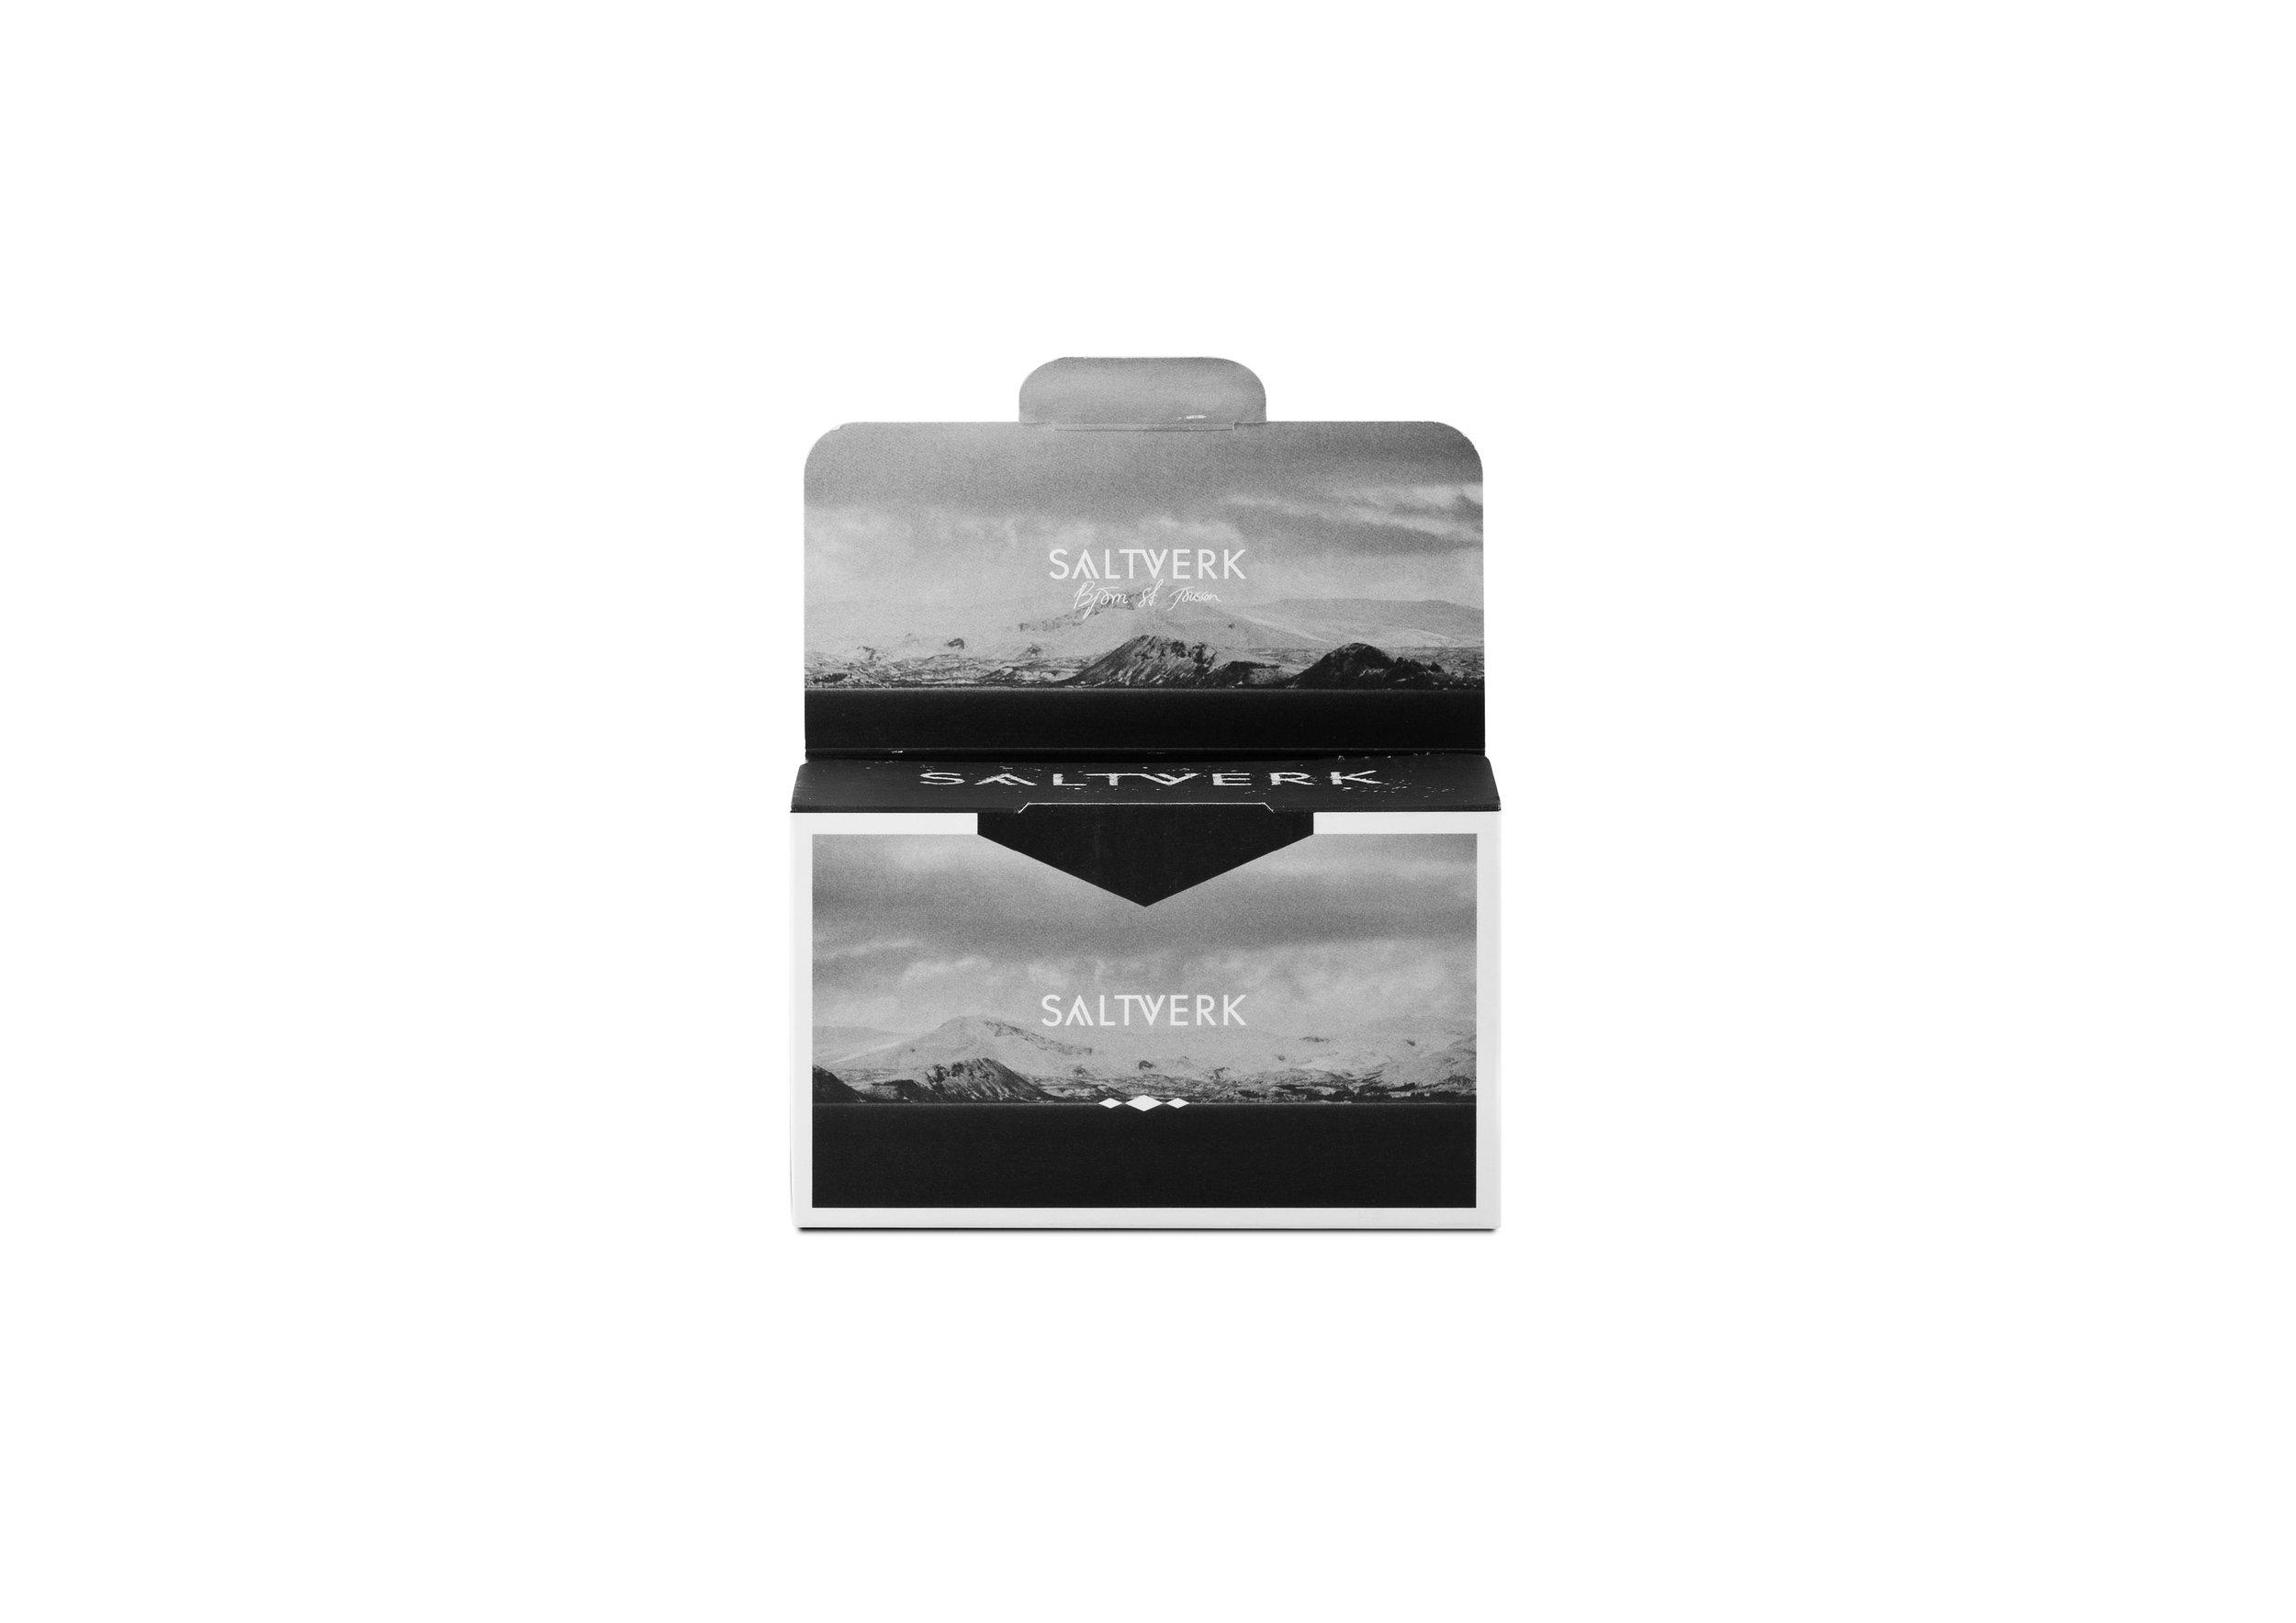 Gift box for 2 salt jars - $21.99